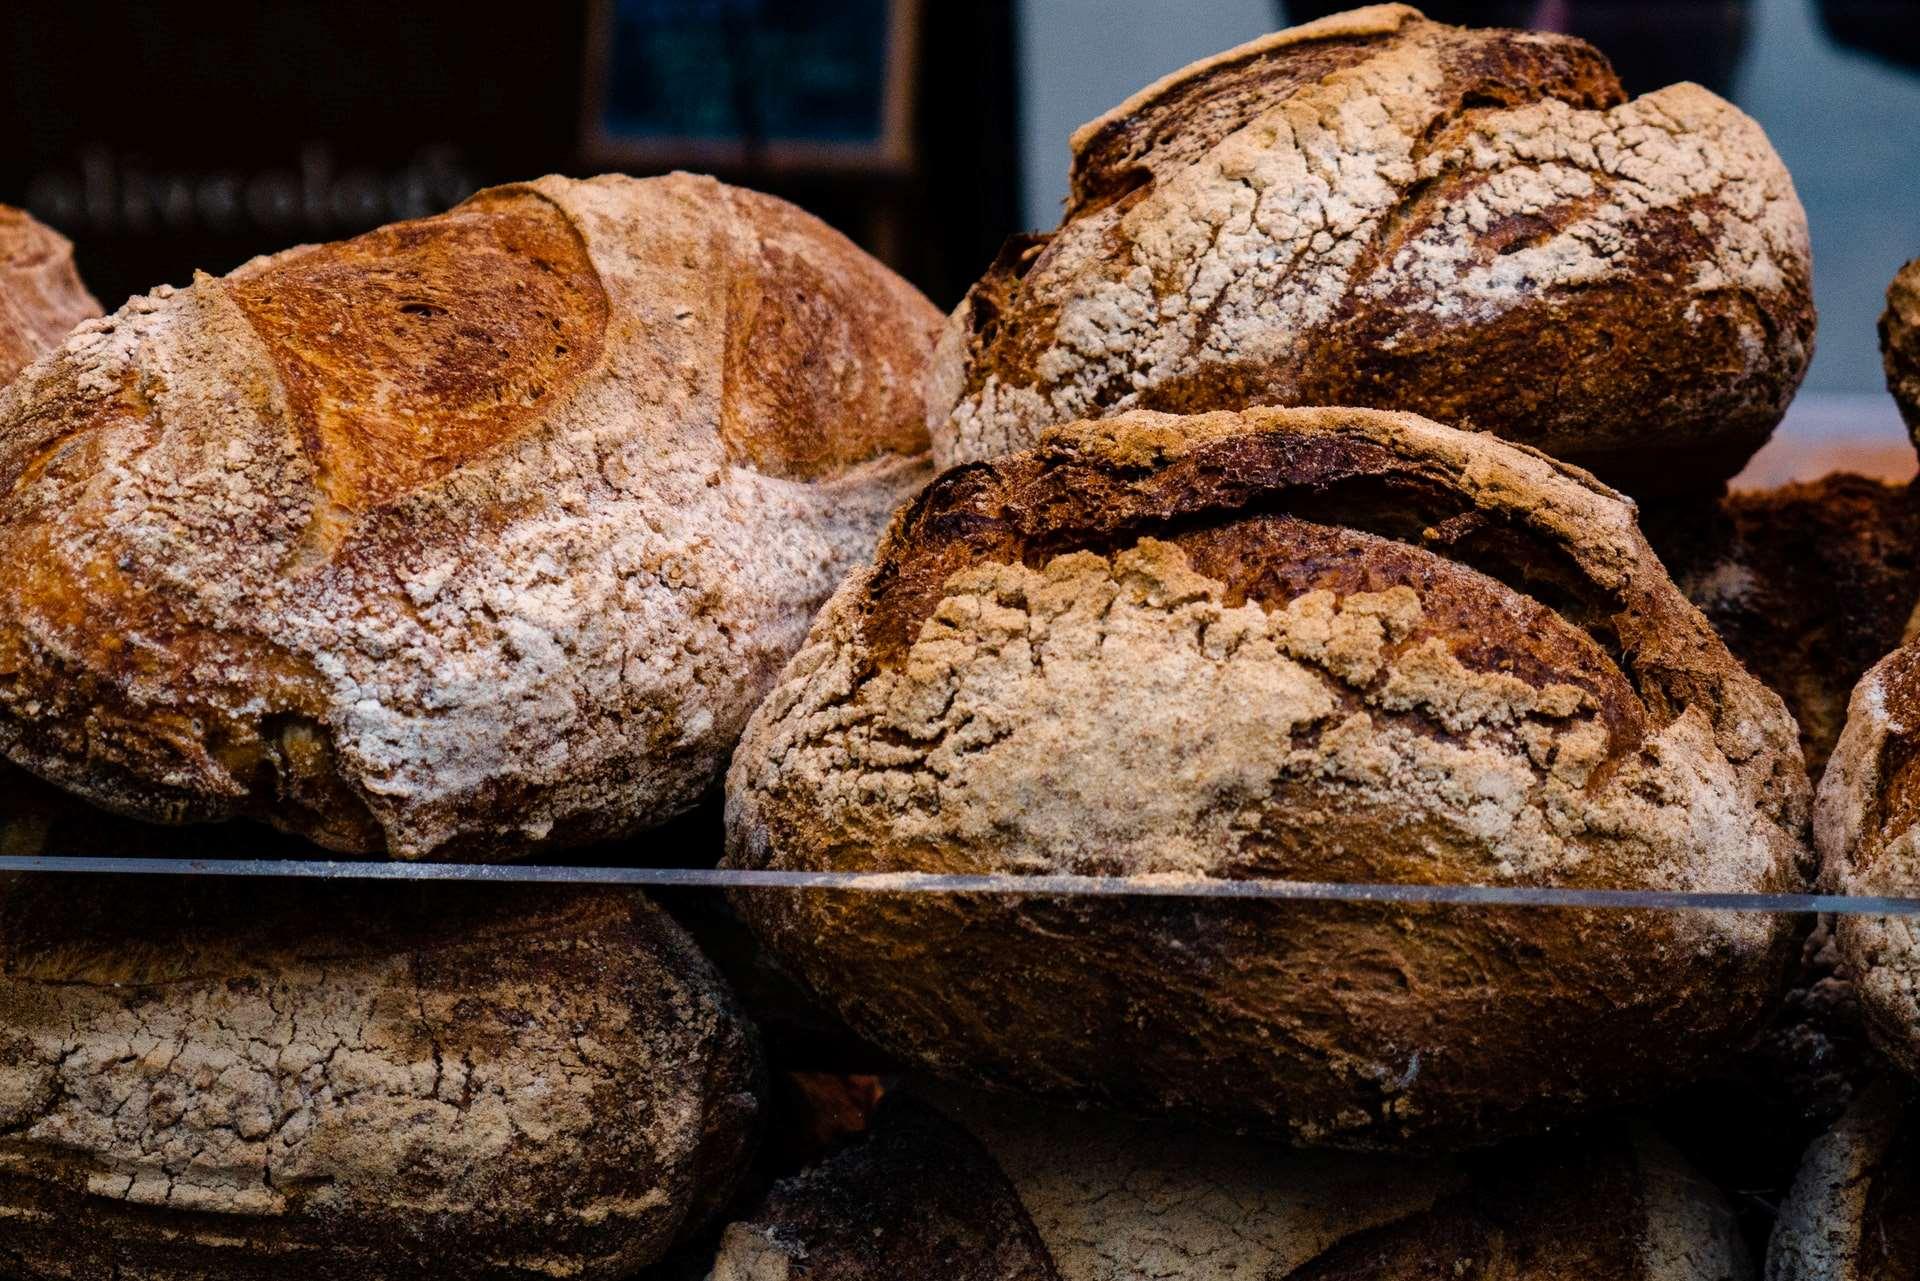 Flere brød oppå hverandre